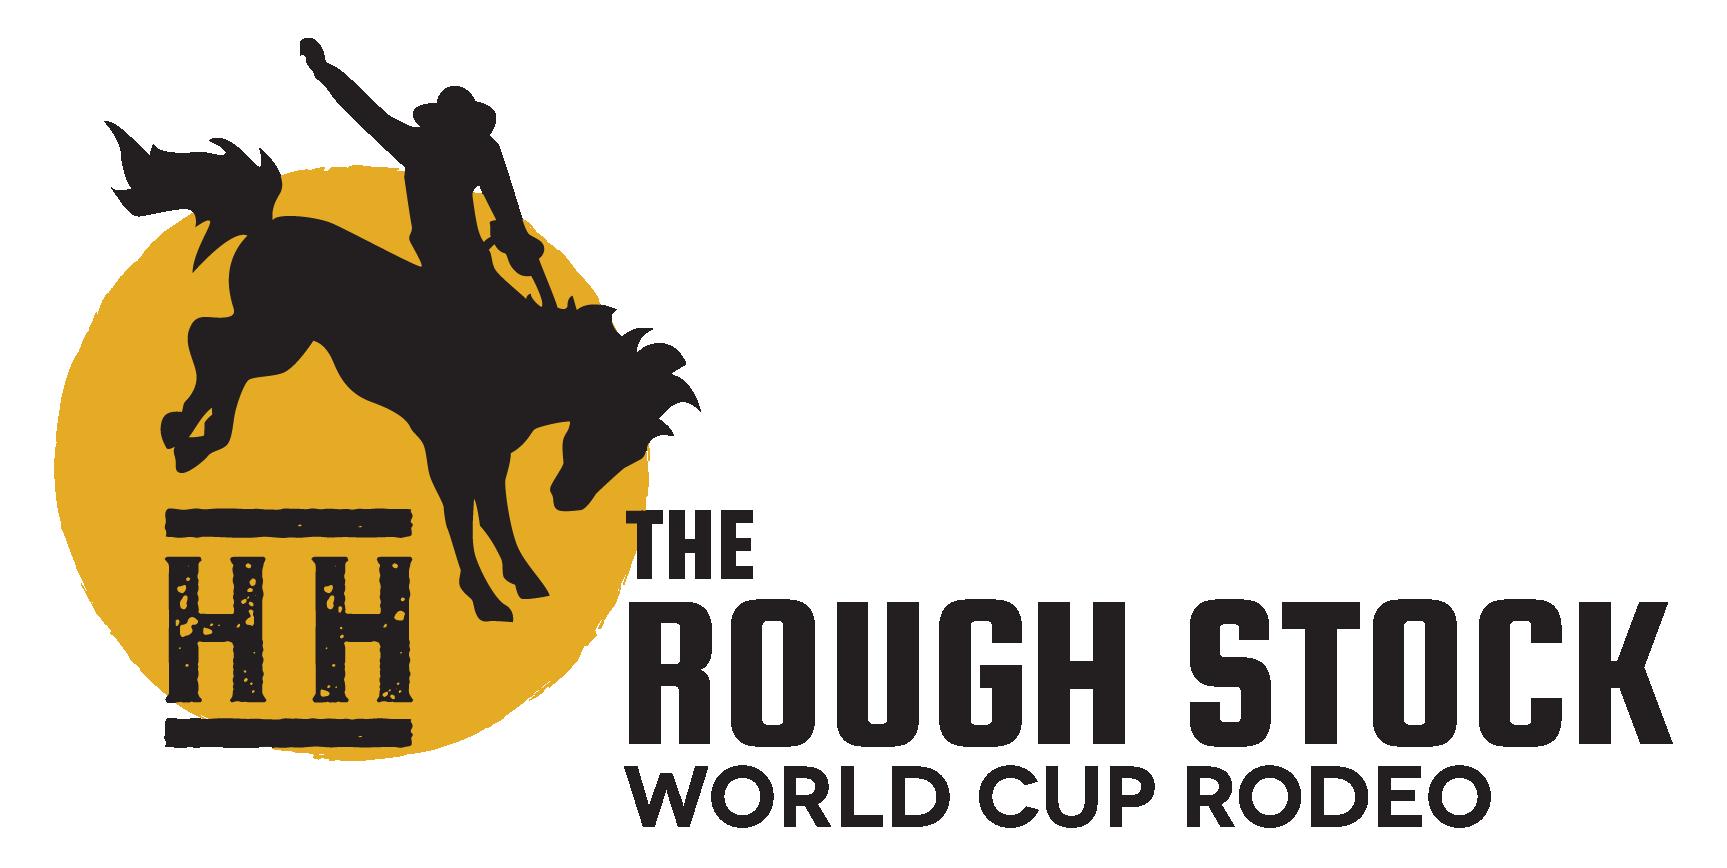 RoughStock_logo_FINALS-2-03.png